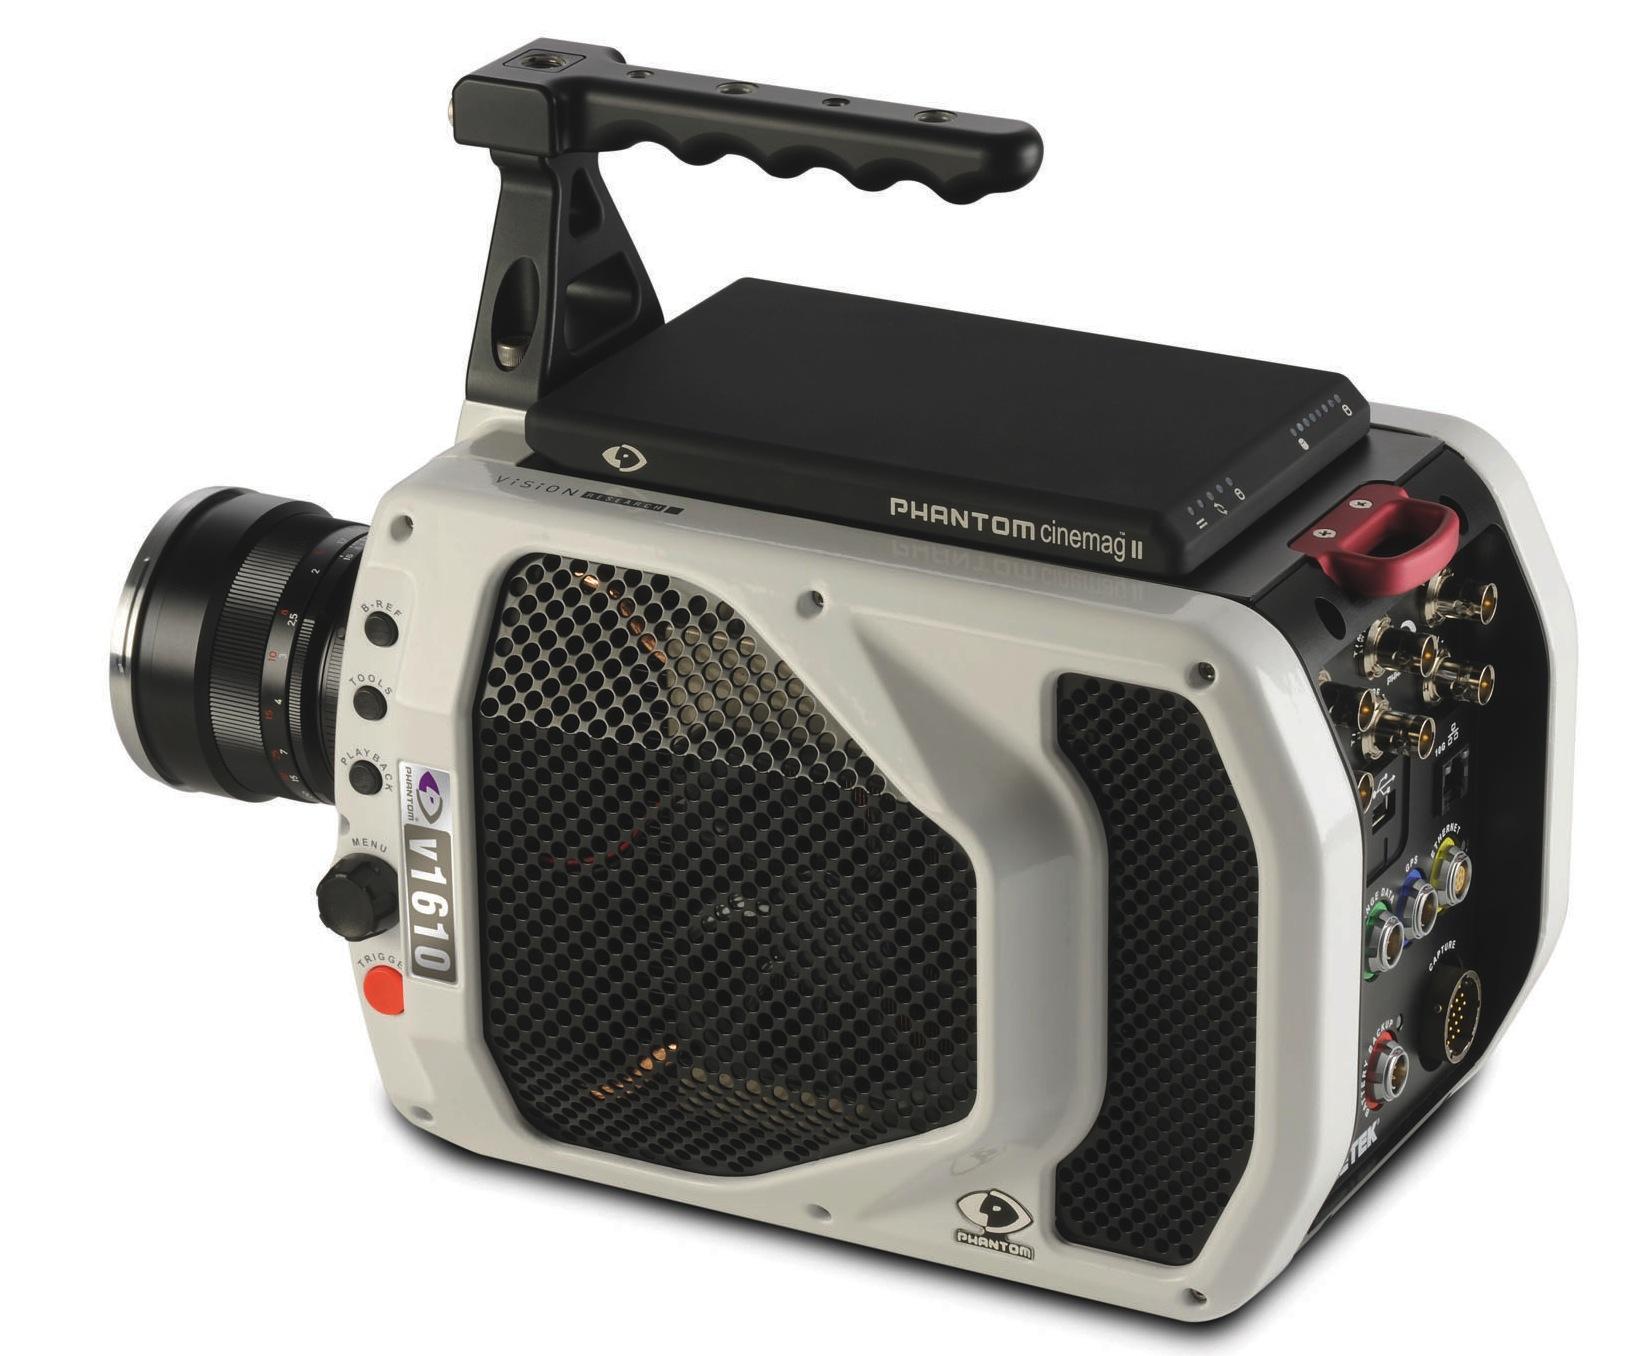 Hochgeschwindigkeitskamera: Filmen mit einer Million Bildern pro Sekunde - Vision Research Phantom v1610 mit Cinemag-Speichersystem  (Bild: Vision Research)